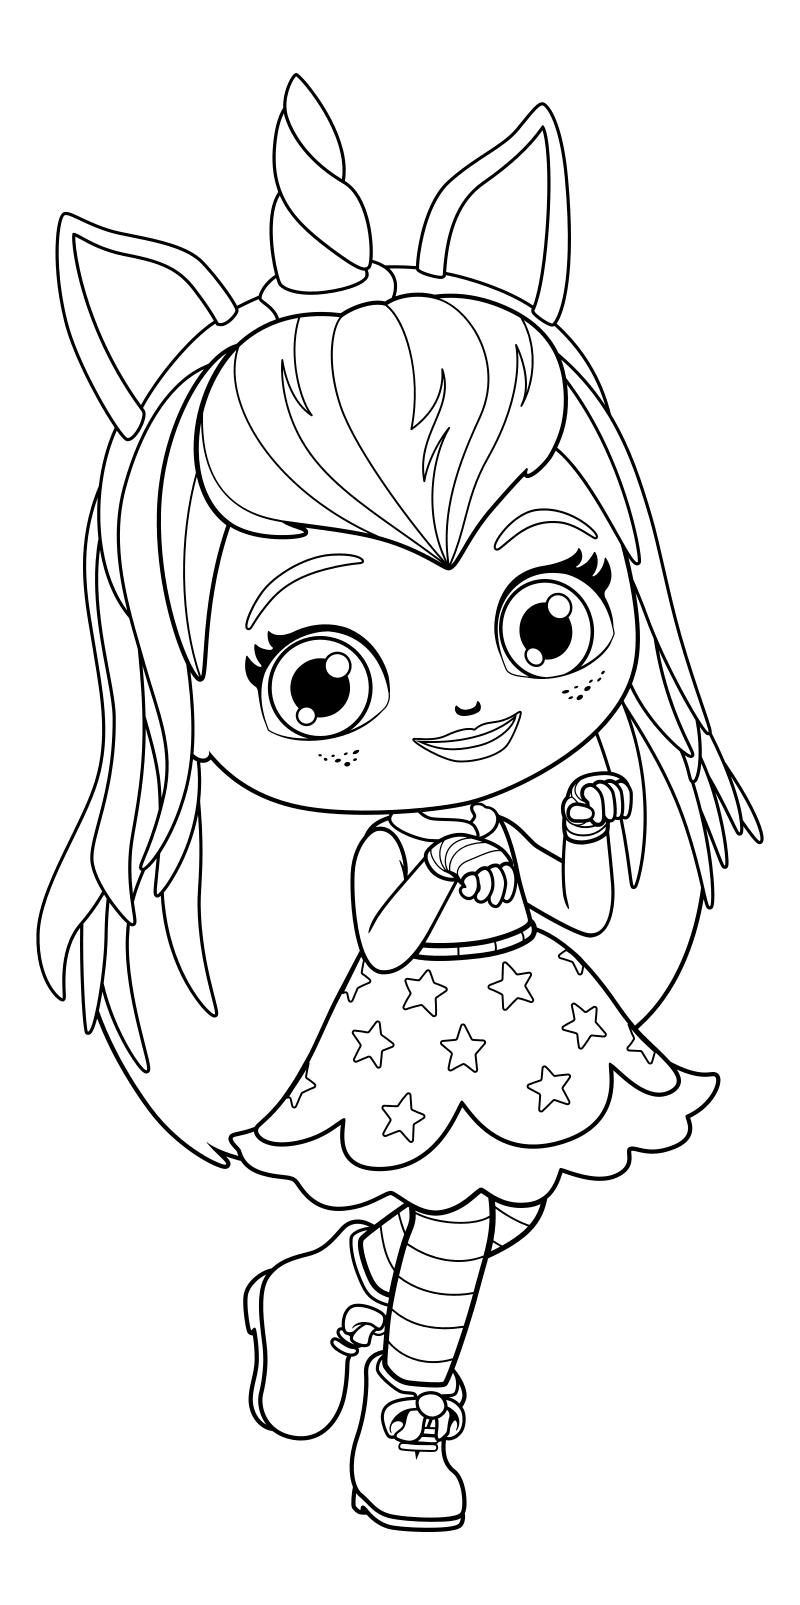 Раскраска - Маленькие волшебницы - Хэйзел с ободком ...